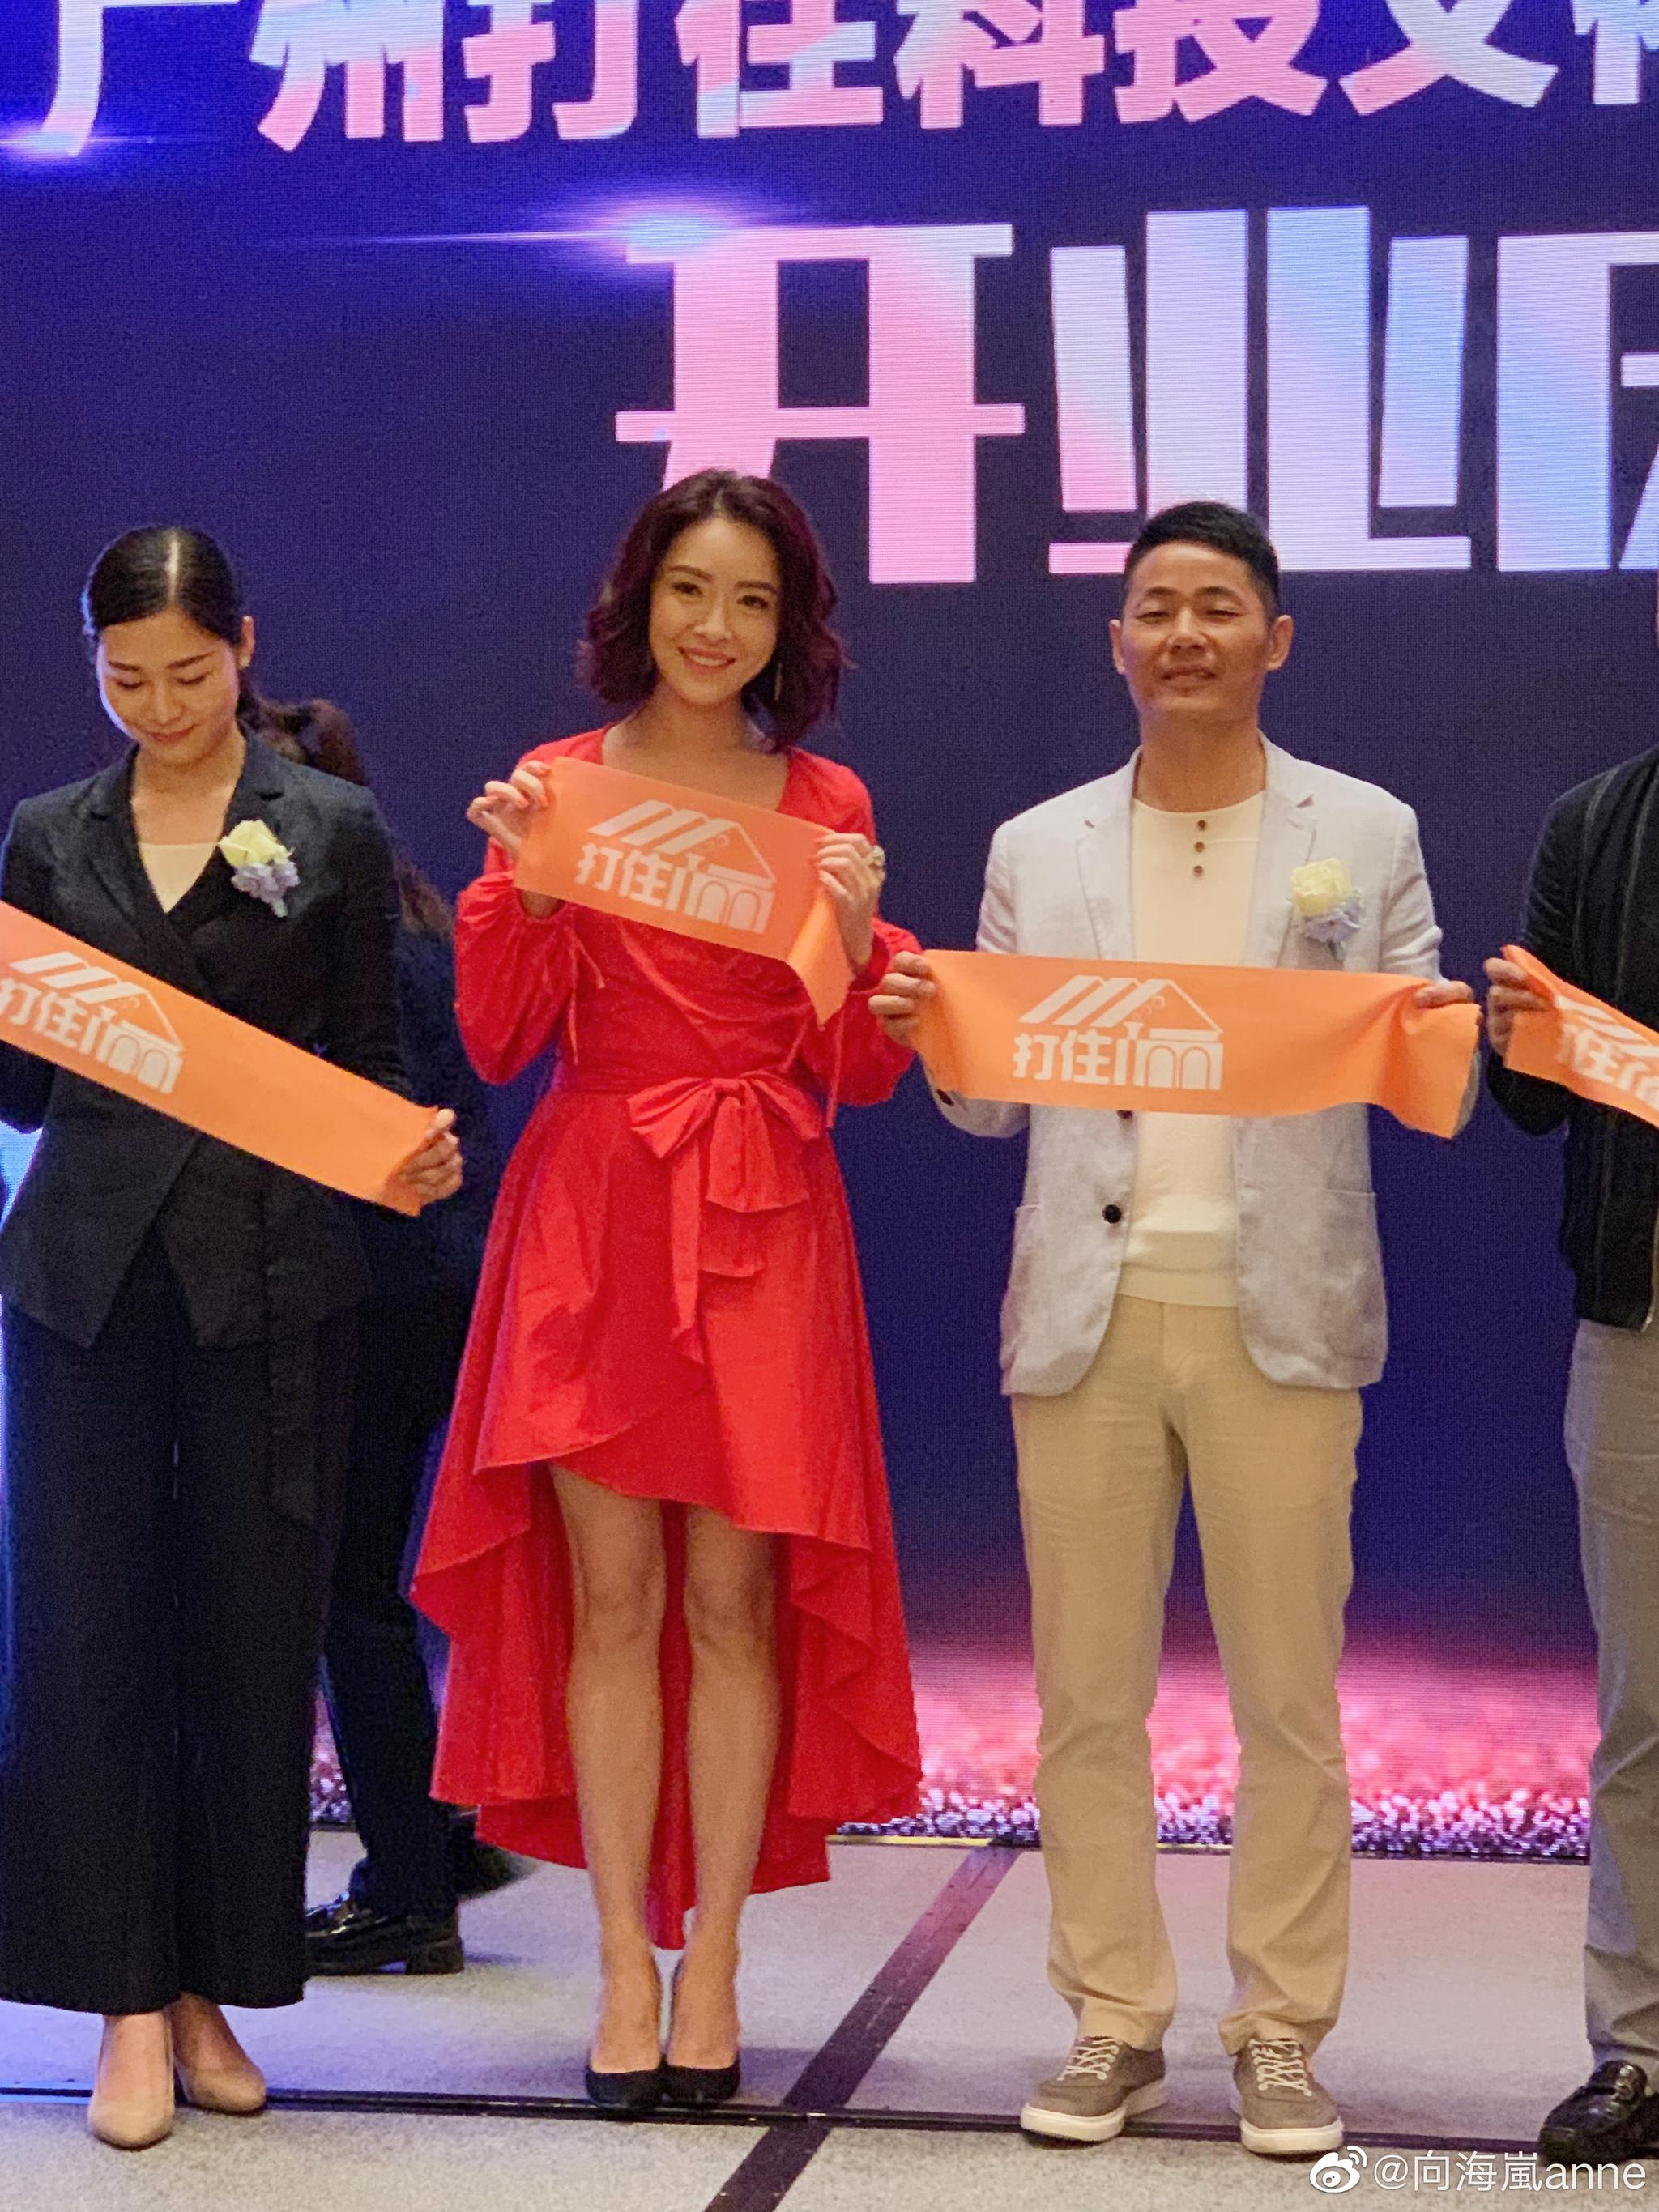 狂风暴雨下来到广州,祝广州打住科技文化发展有限公司开业大吉